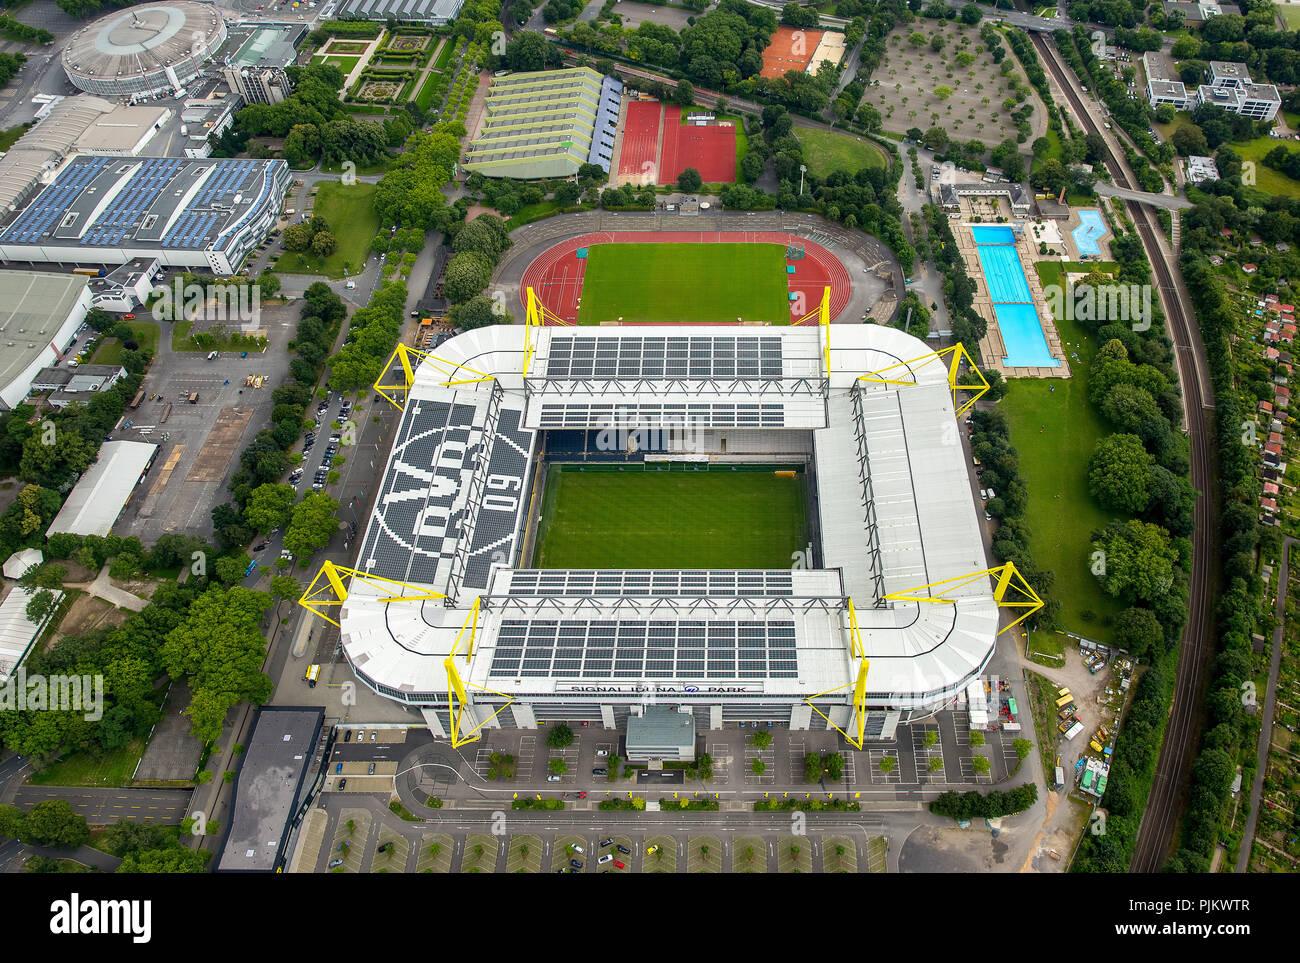 SignalIdunaPark, BVB Stadium Dortmund, football stadium, Bundesliga stadium, Dortmund, Ruhr area, North Rhine-Westphalia, Germany - Stock Image